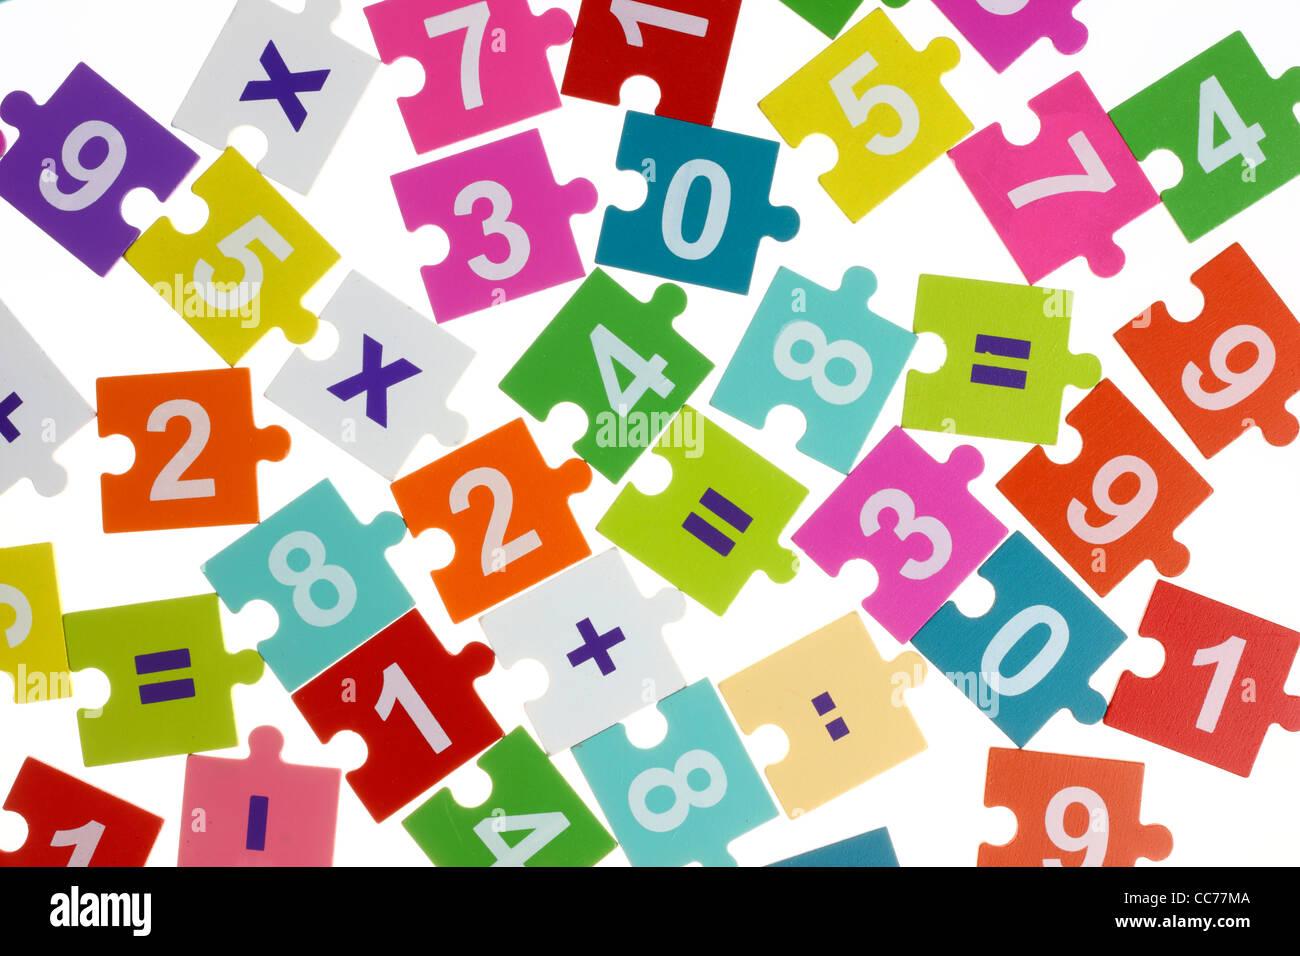 Mathematik-Puzzle für Kinder. Mathematik lernen während des Spielens, Grundrechenarten. Stockbild